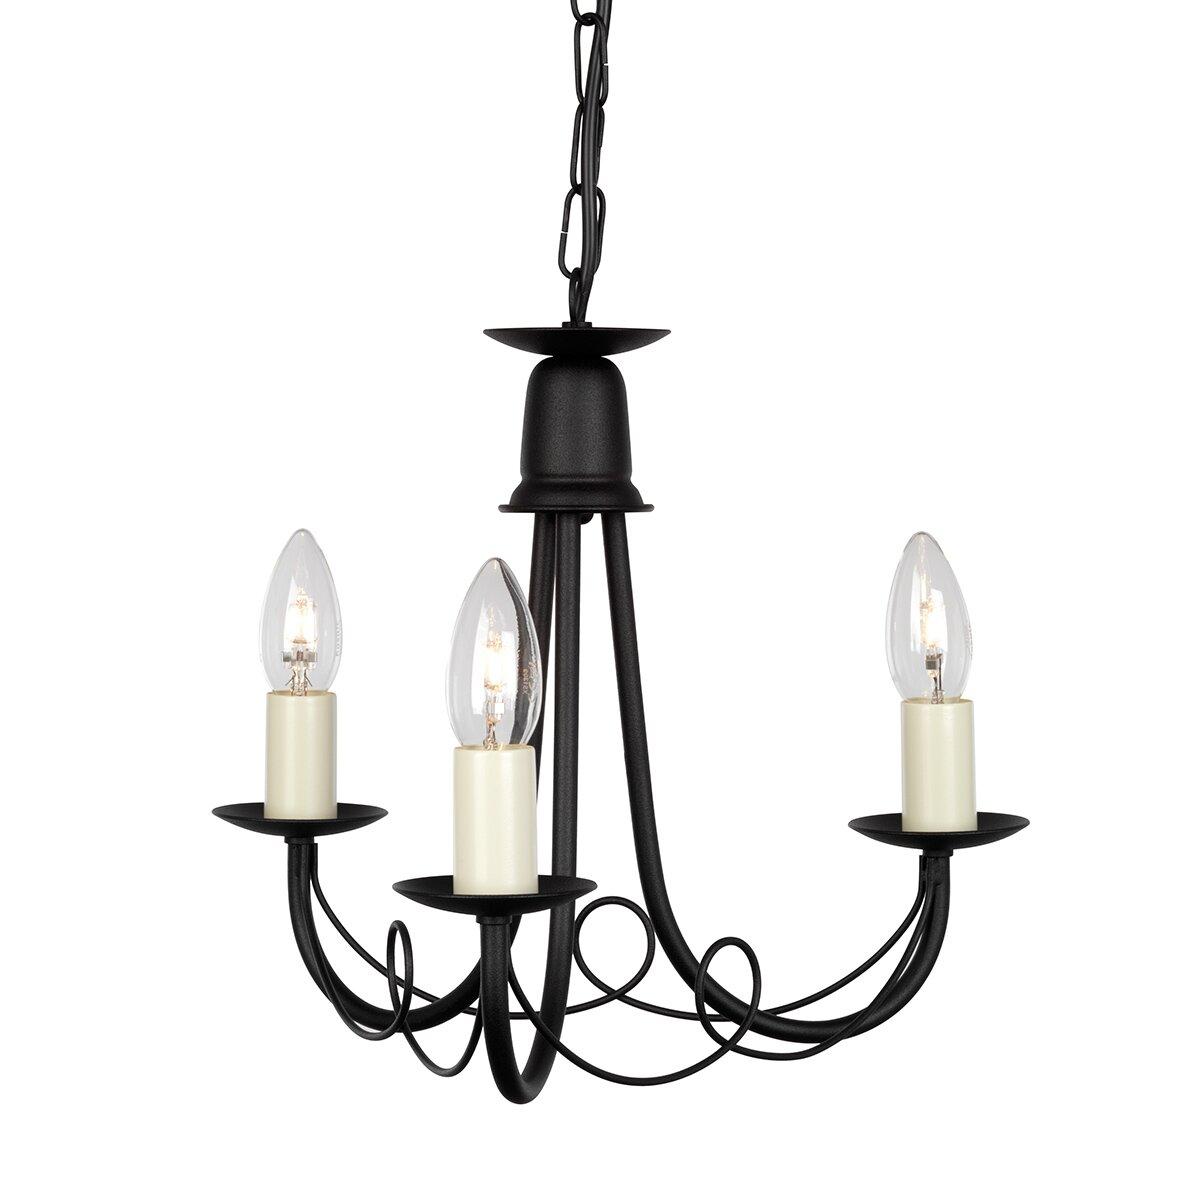 elstead lighting kronleuchter 3 flammig minster. Black Bedroom Furniture Sets. Home Design Ideas